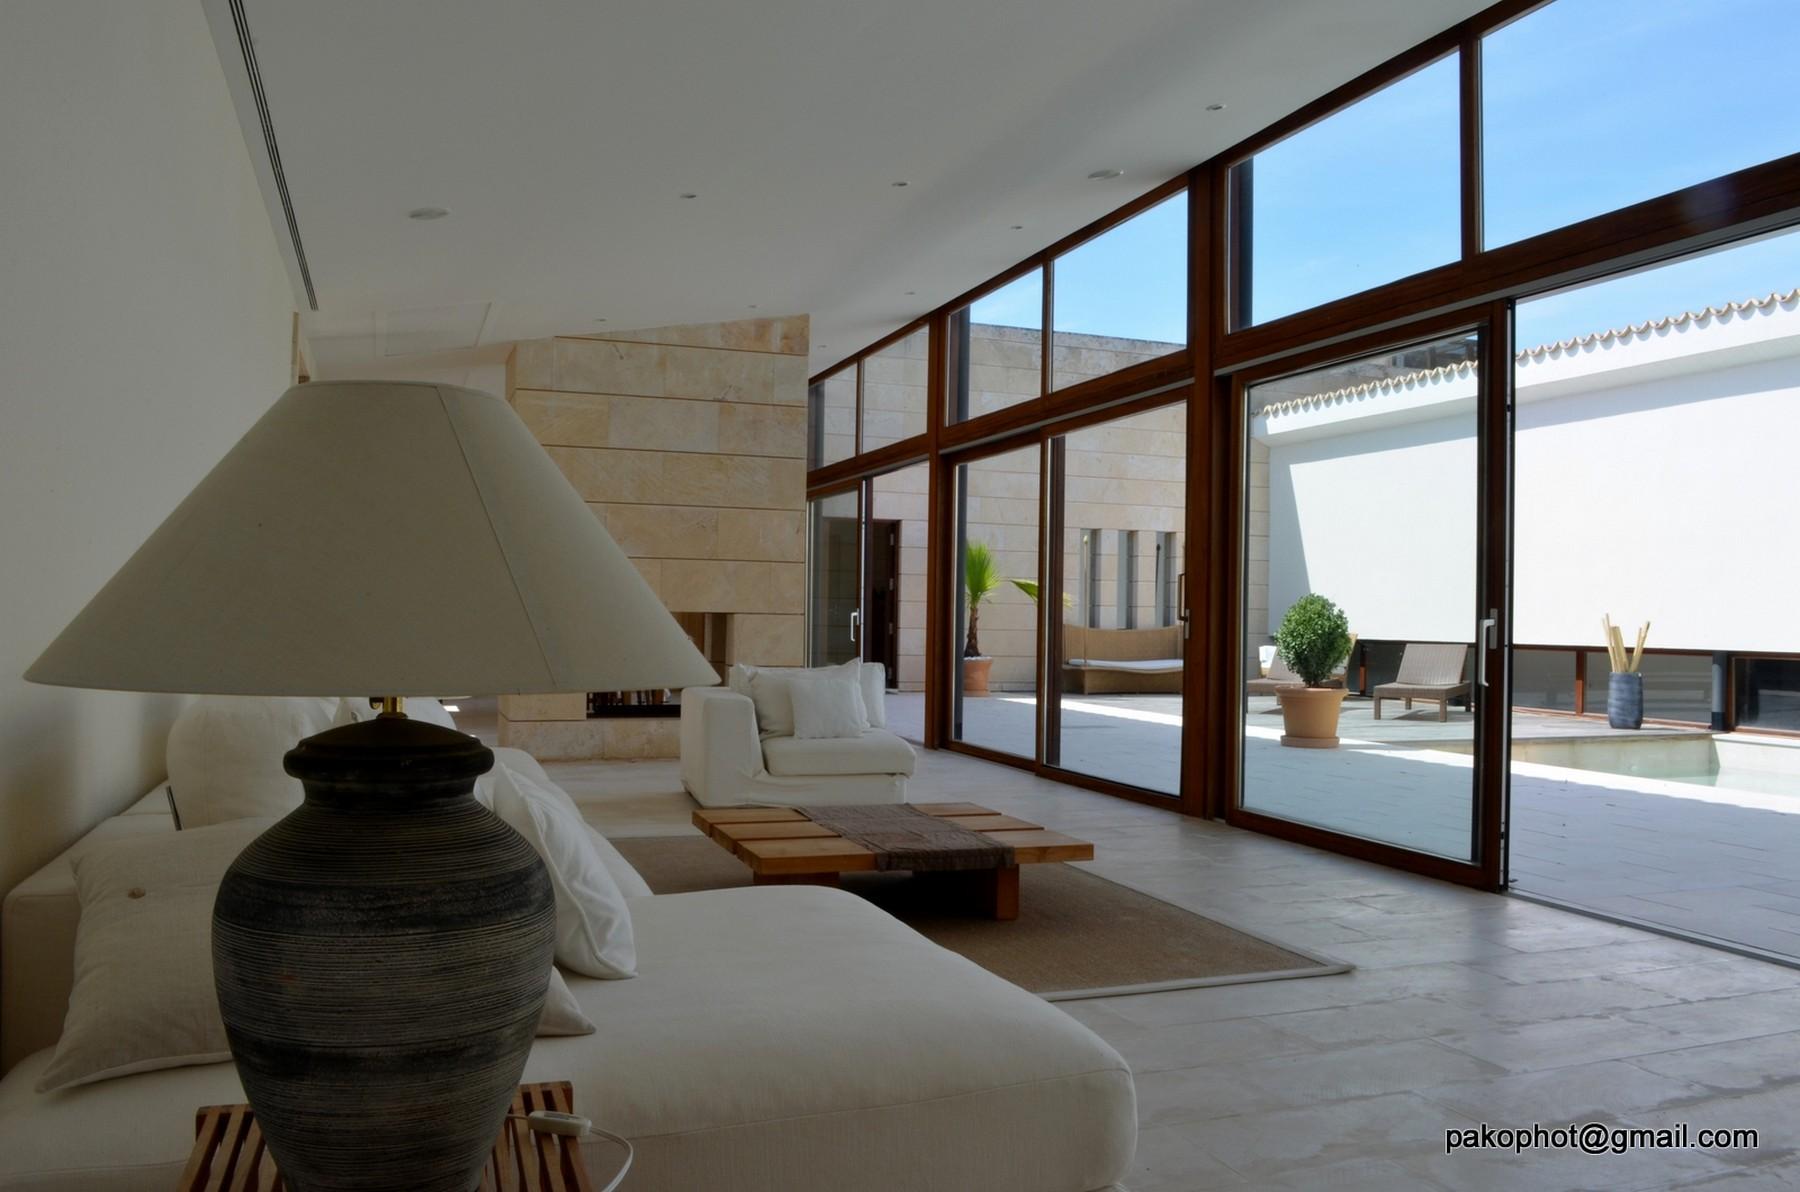 Частный односемейный дом для того Продажа на Villa in Santa Margalida Alcudia, Майорка, 07570 Испания